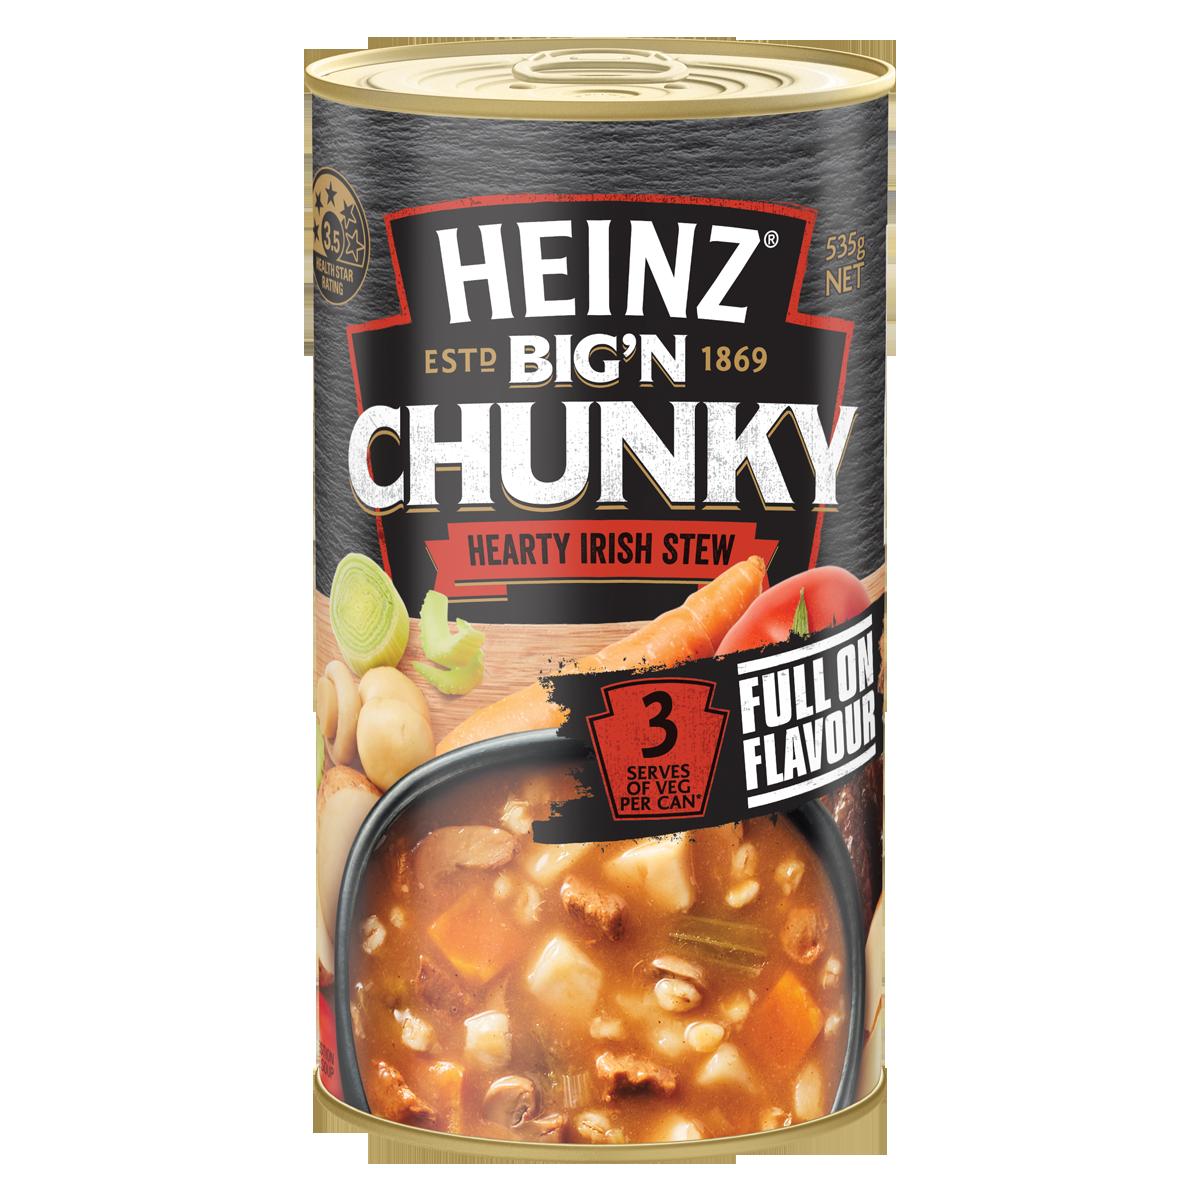 Heinz Chunky Hearty Irish Stew